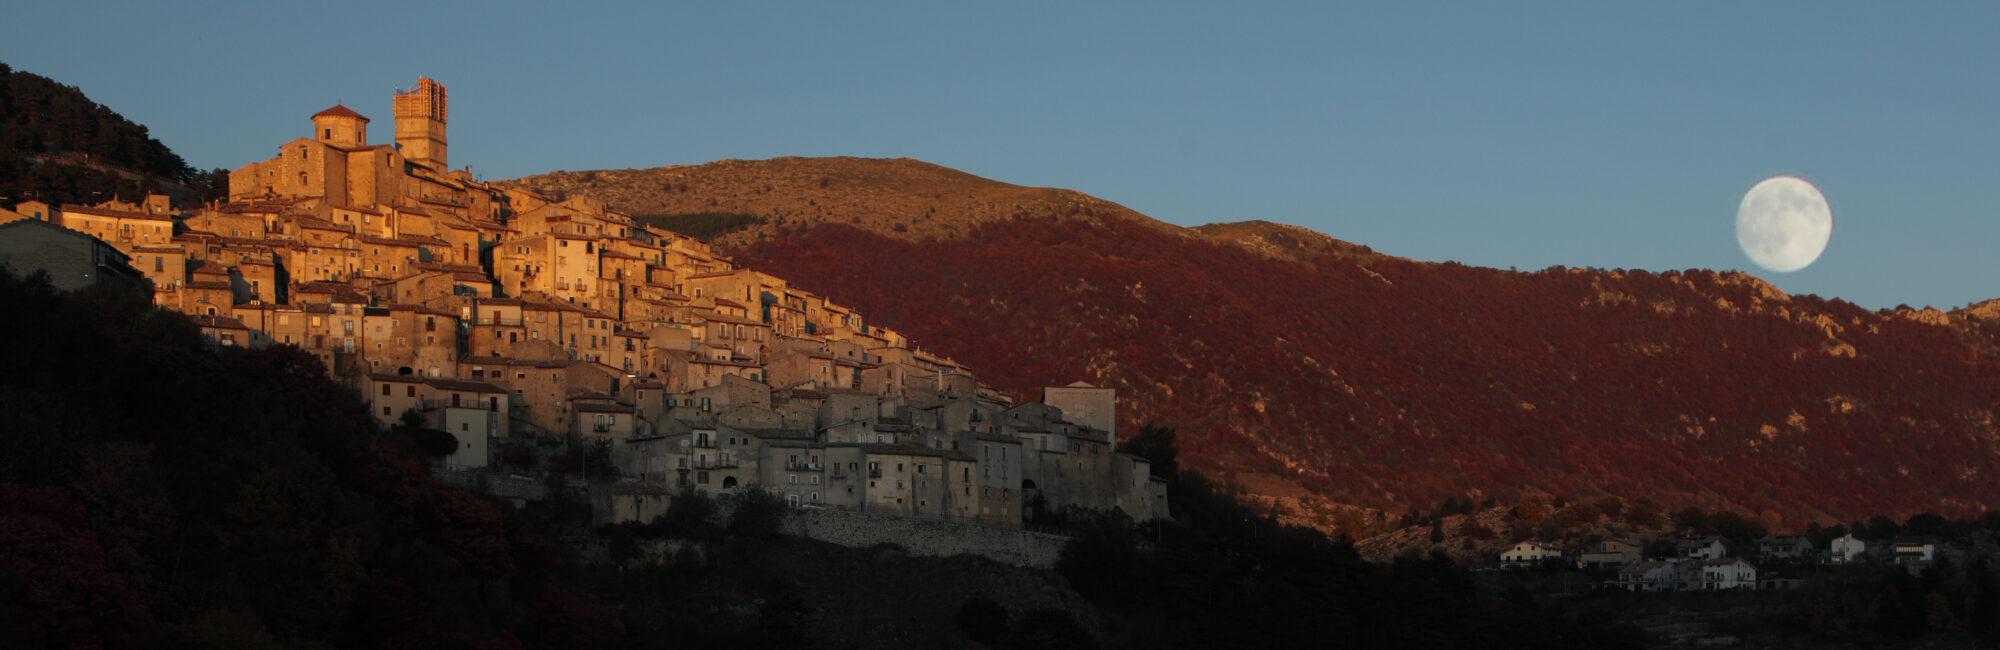 sette sporte Castel Monte